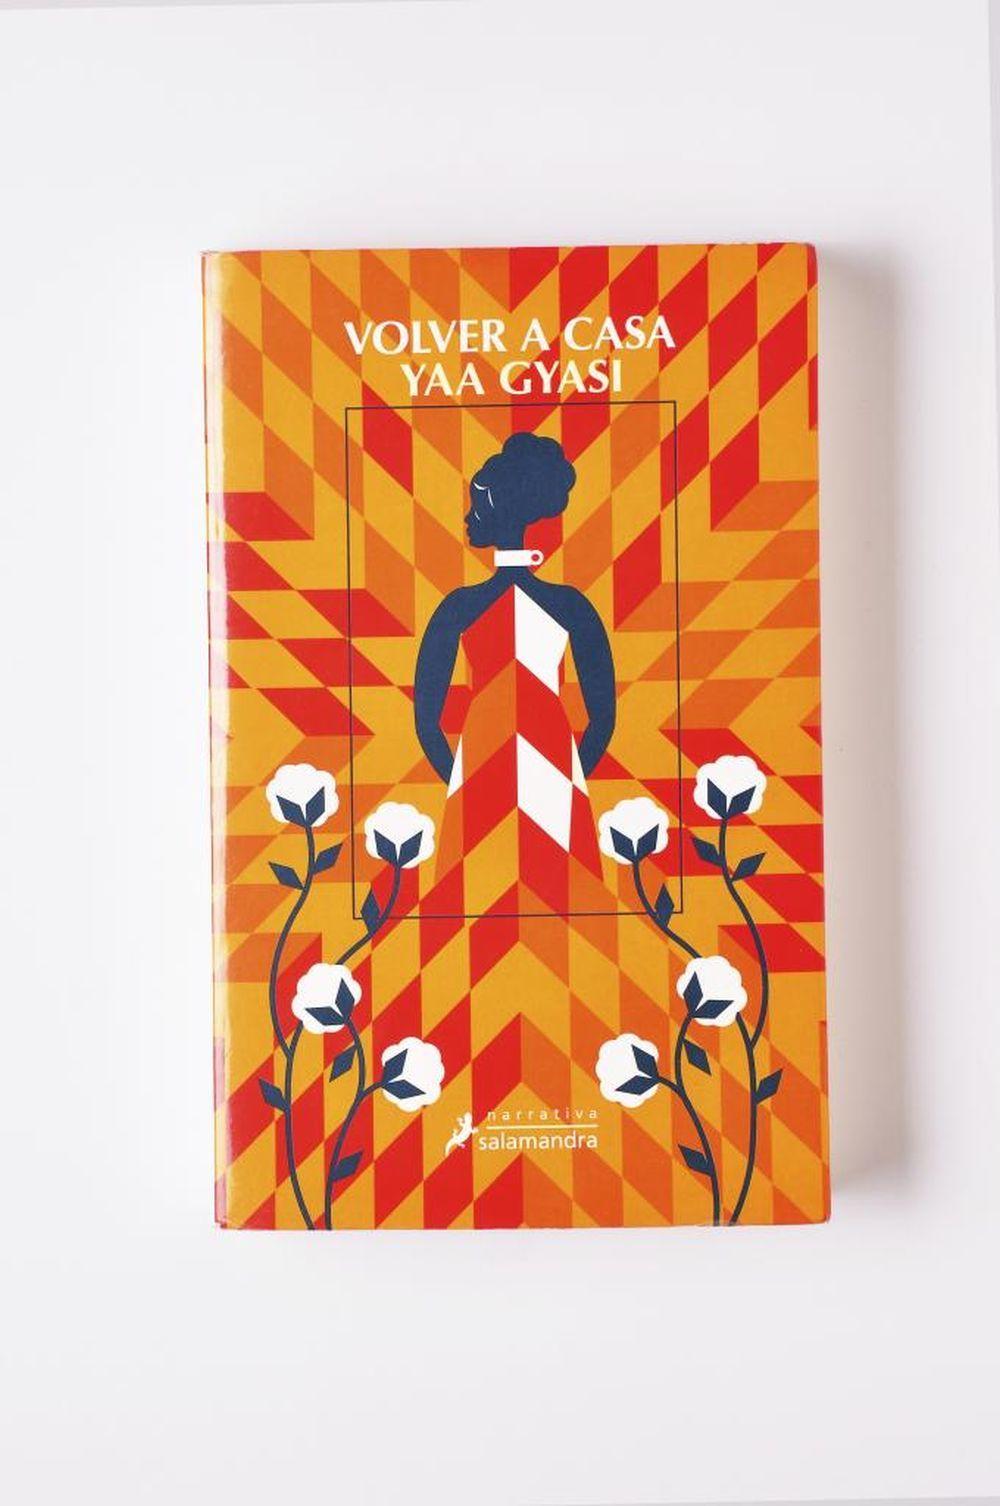 'Volver a casa', Yaa Gyasi